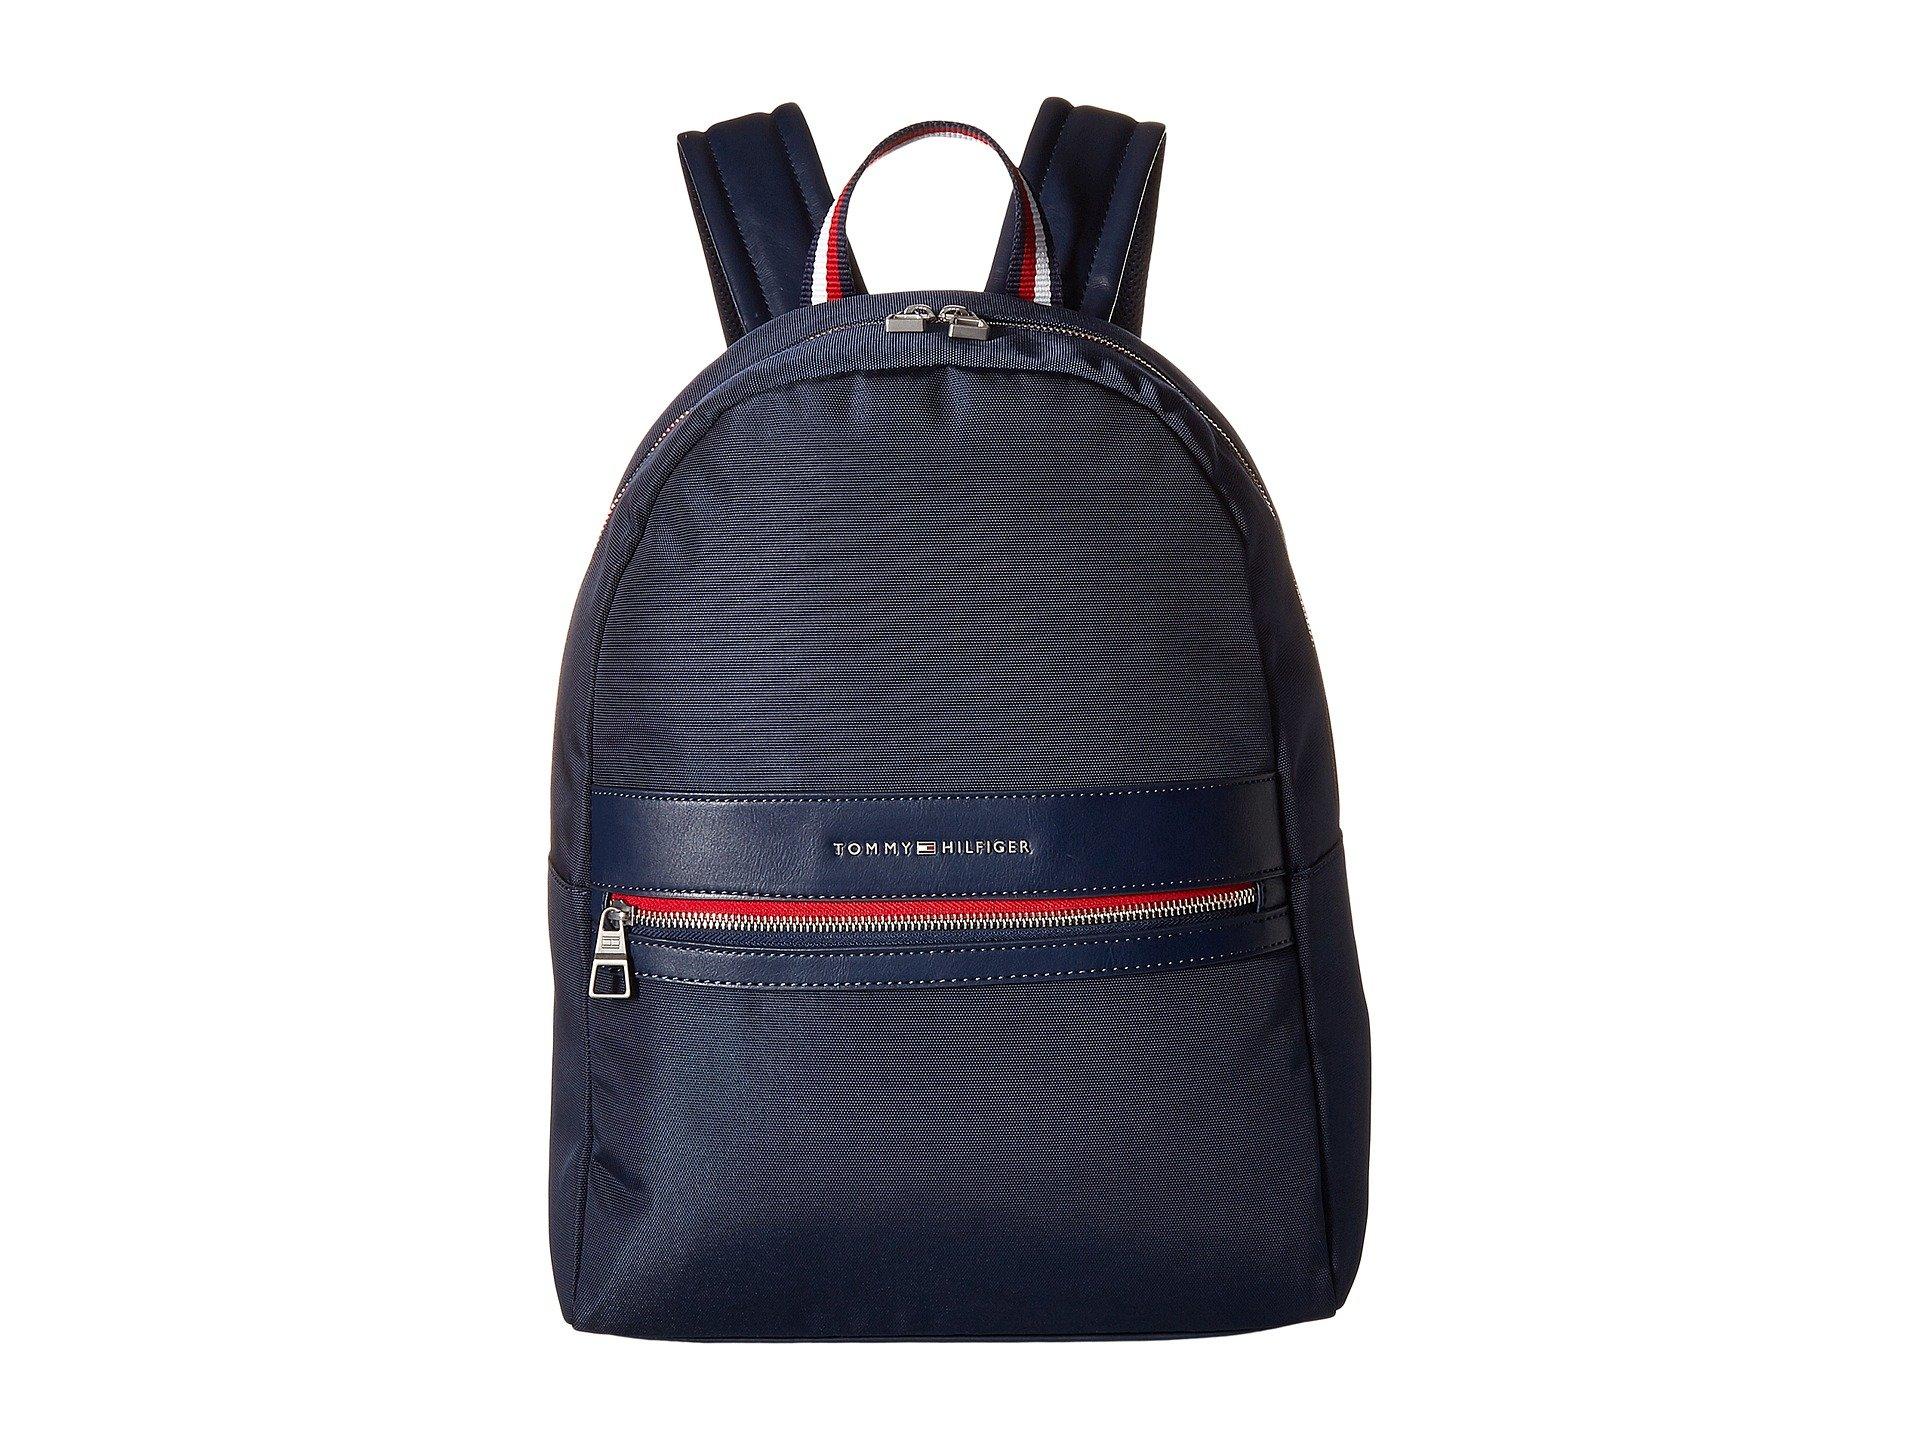 Morral para Hombre Tommy Hilfiger Essentials Backpack  + Tommy Hilfiger en VeoyCompro.net